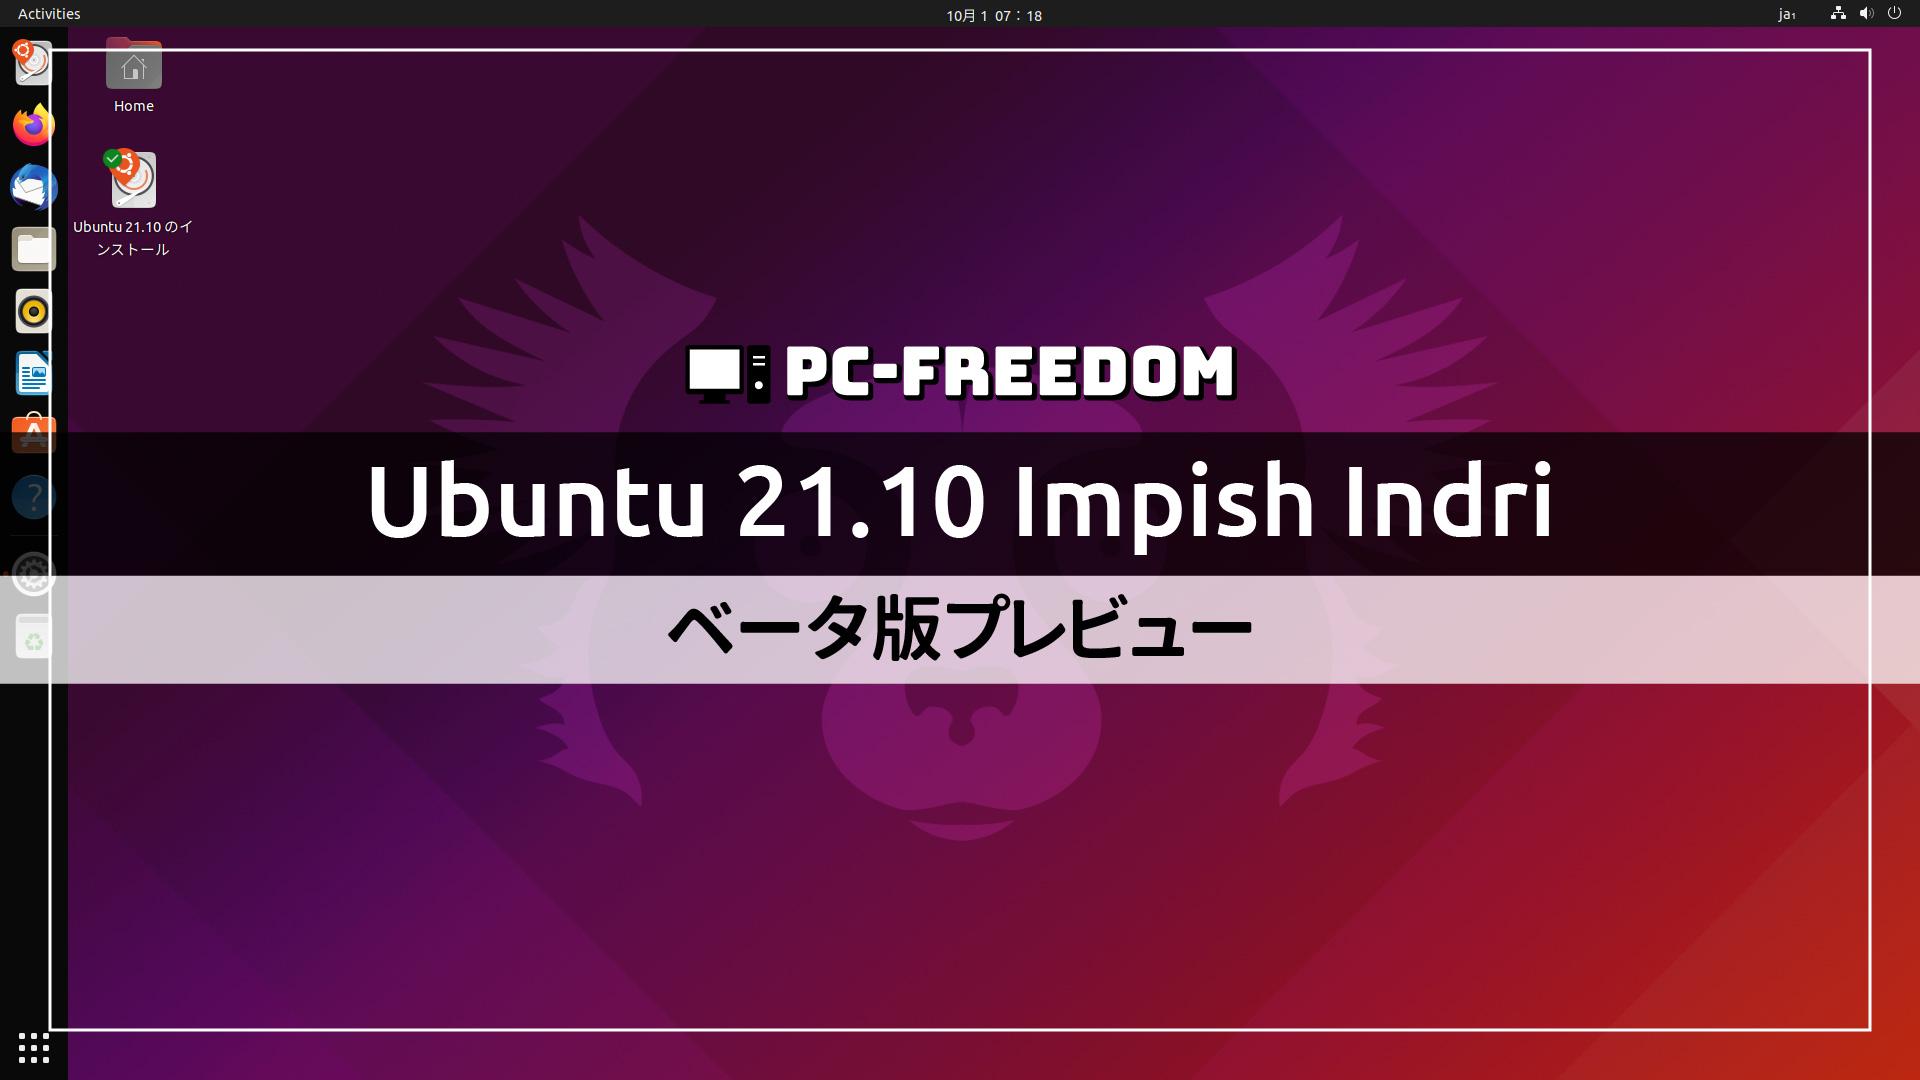 【緊急プレビュー!】Ubuntu 21.10 Beta が公開されていたのでチェックしてみました。